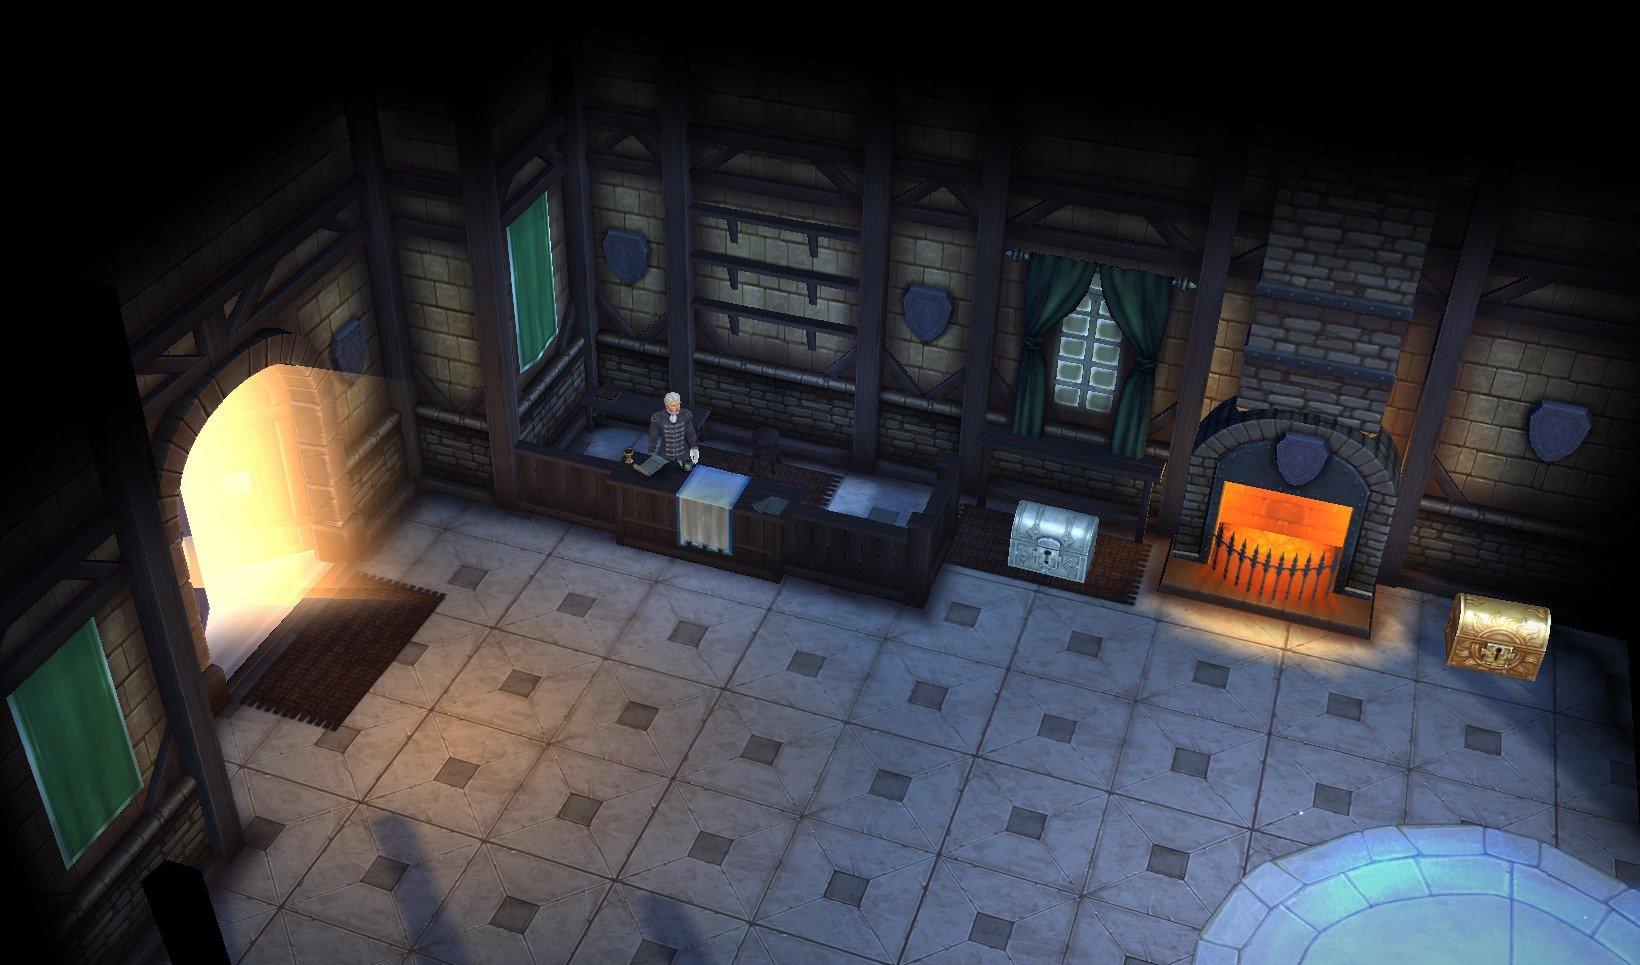 """Рубрика """"Исследуя Ауру"""" рассказывает о том, что и кого можно встретить на просторах мира Royal Quest  Исследуя Ауру ... - Изображение 2"""